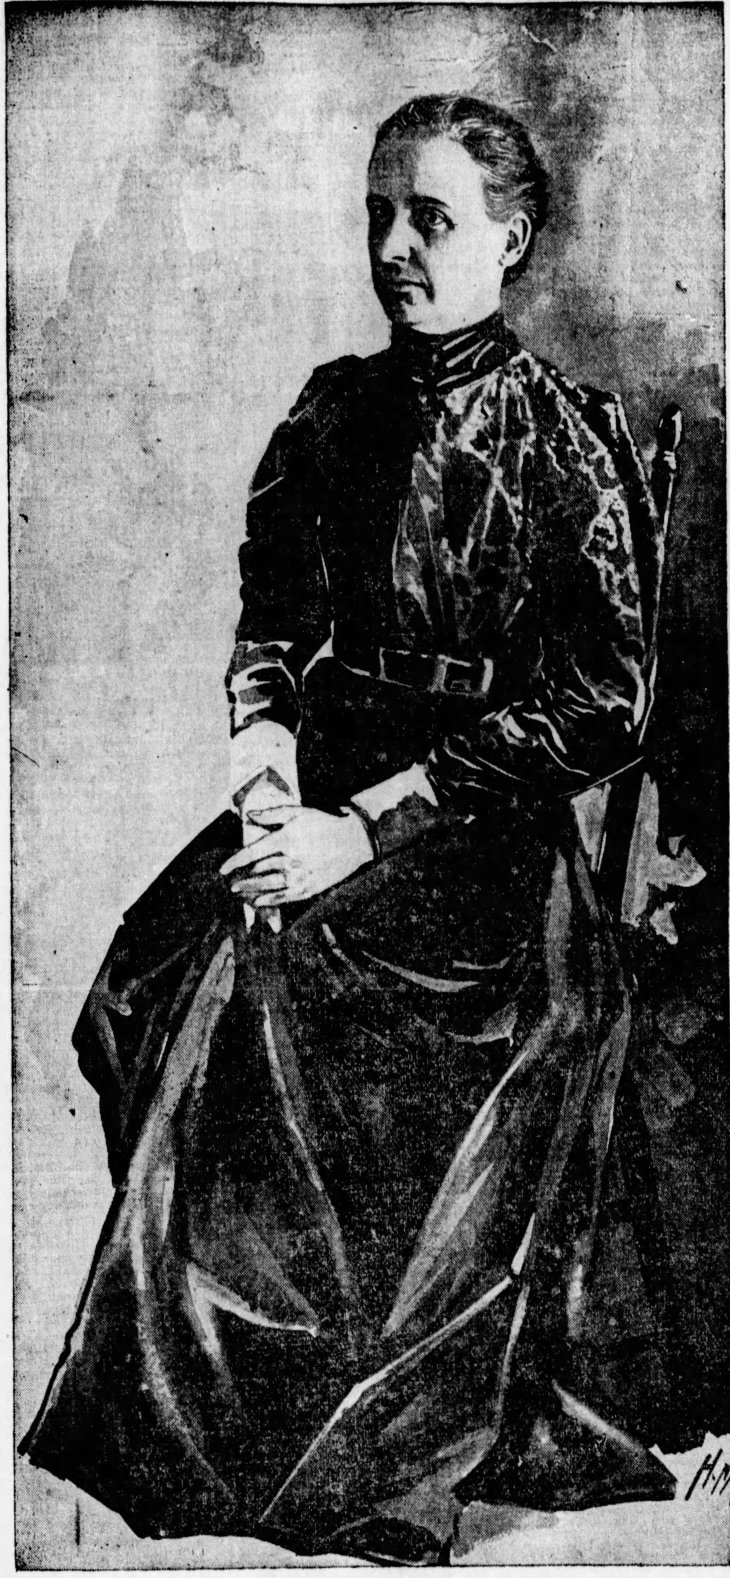 Yda image The_San_Francisco_Examiner_Thu__Jul_13__1899_